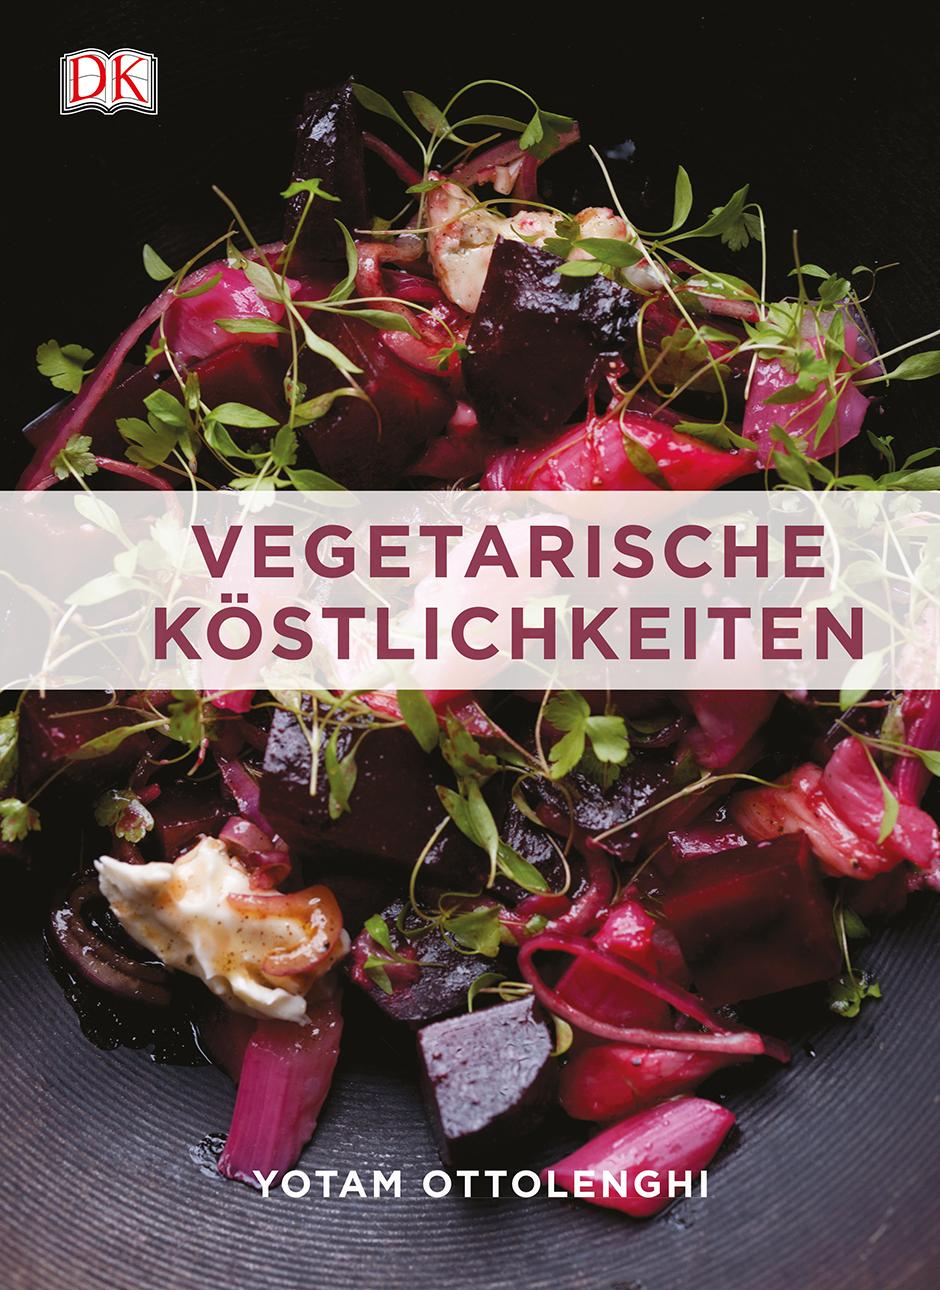 Vegetarische Köstlichkeiten - Yotam Ottolenghi [Gebundene Ausgabe]